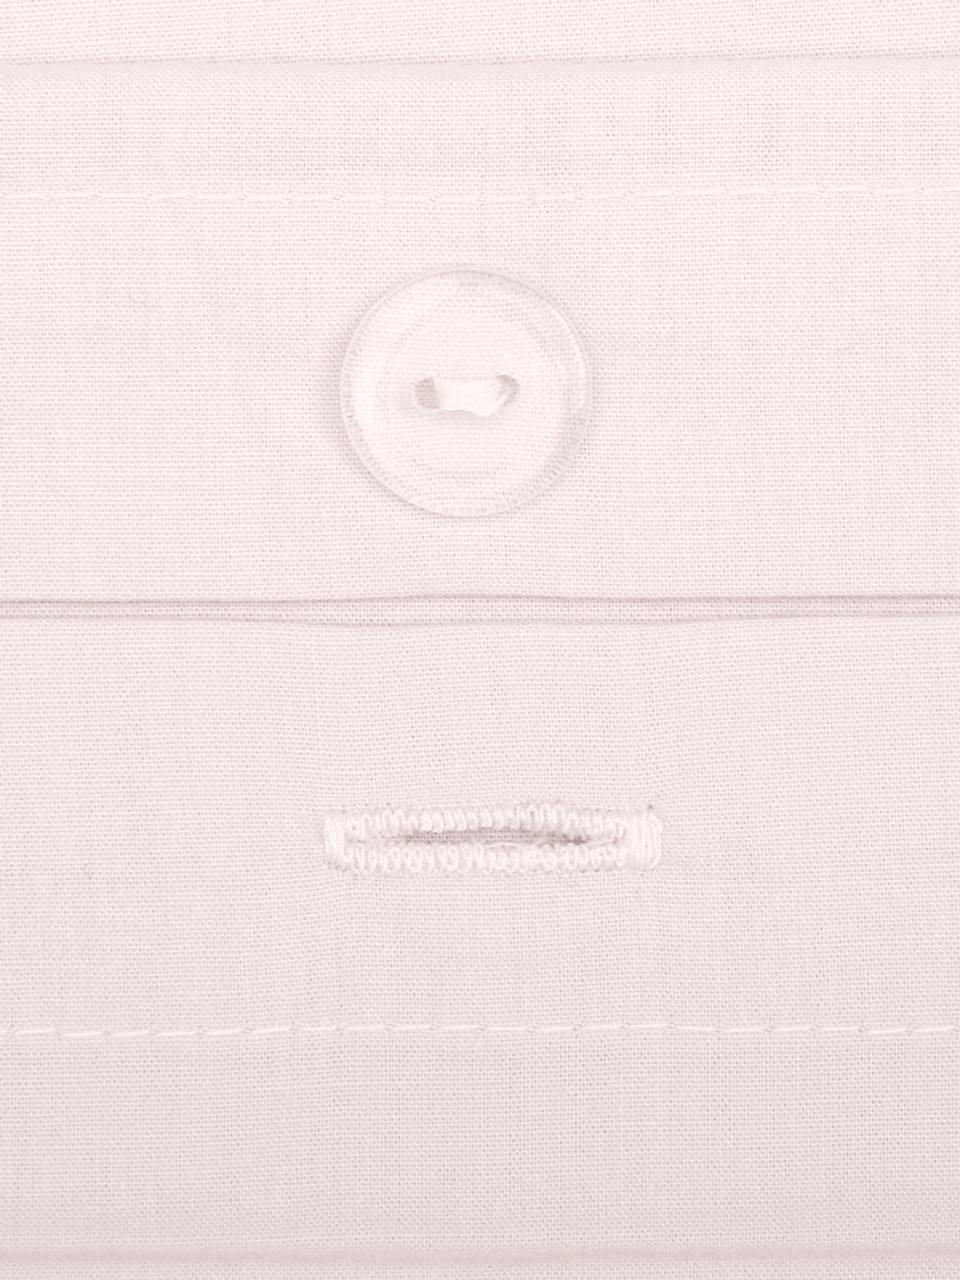 Baumwollperkal-Bettwäsche Elsie in Rosa, Webart: Perkal Fadendichte 200 TC, Rosa, 240 x 220 cm + 2 Kissen 80 x 80 cm